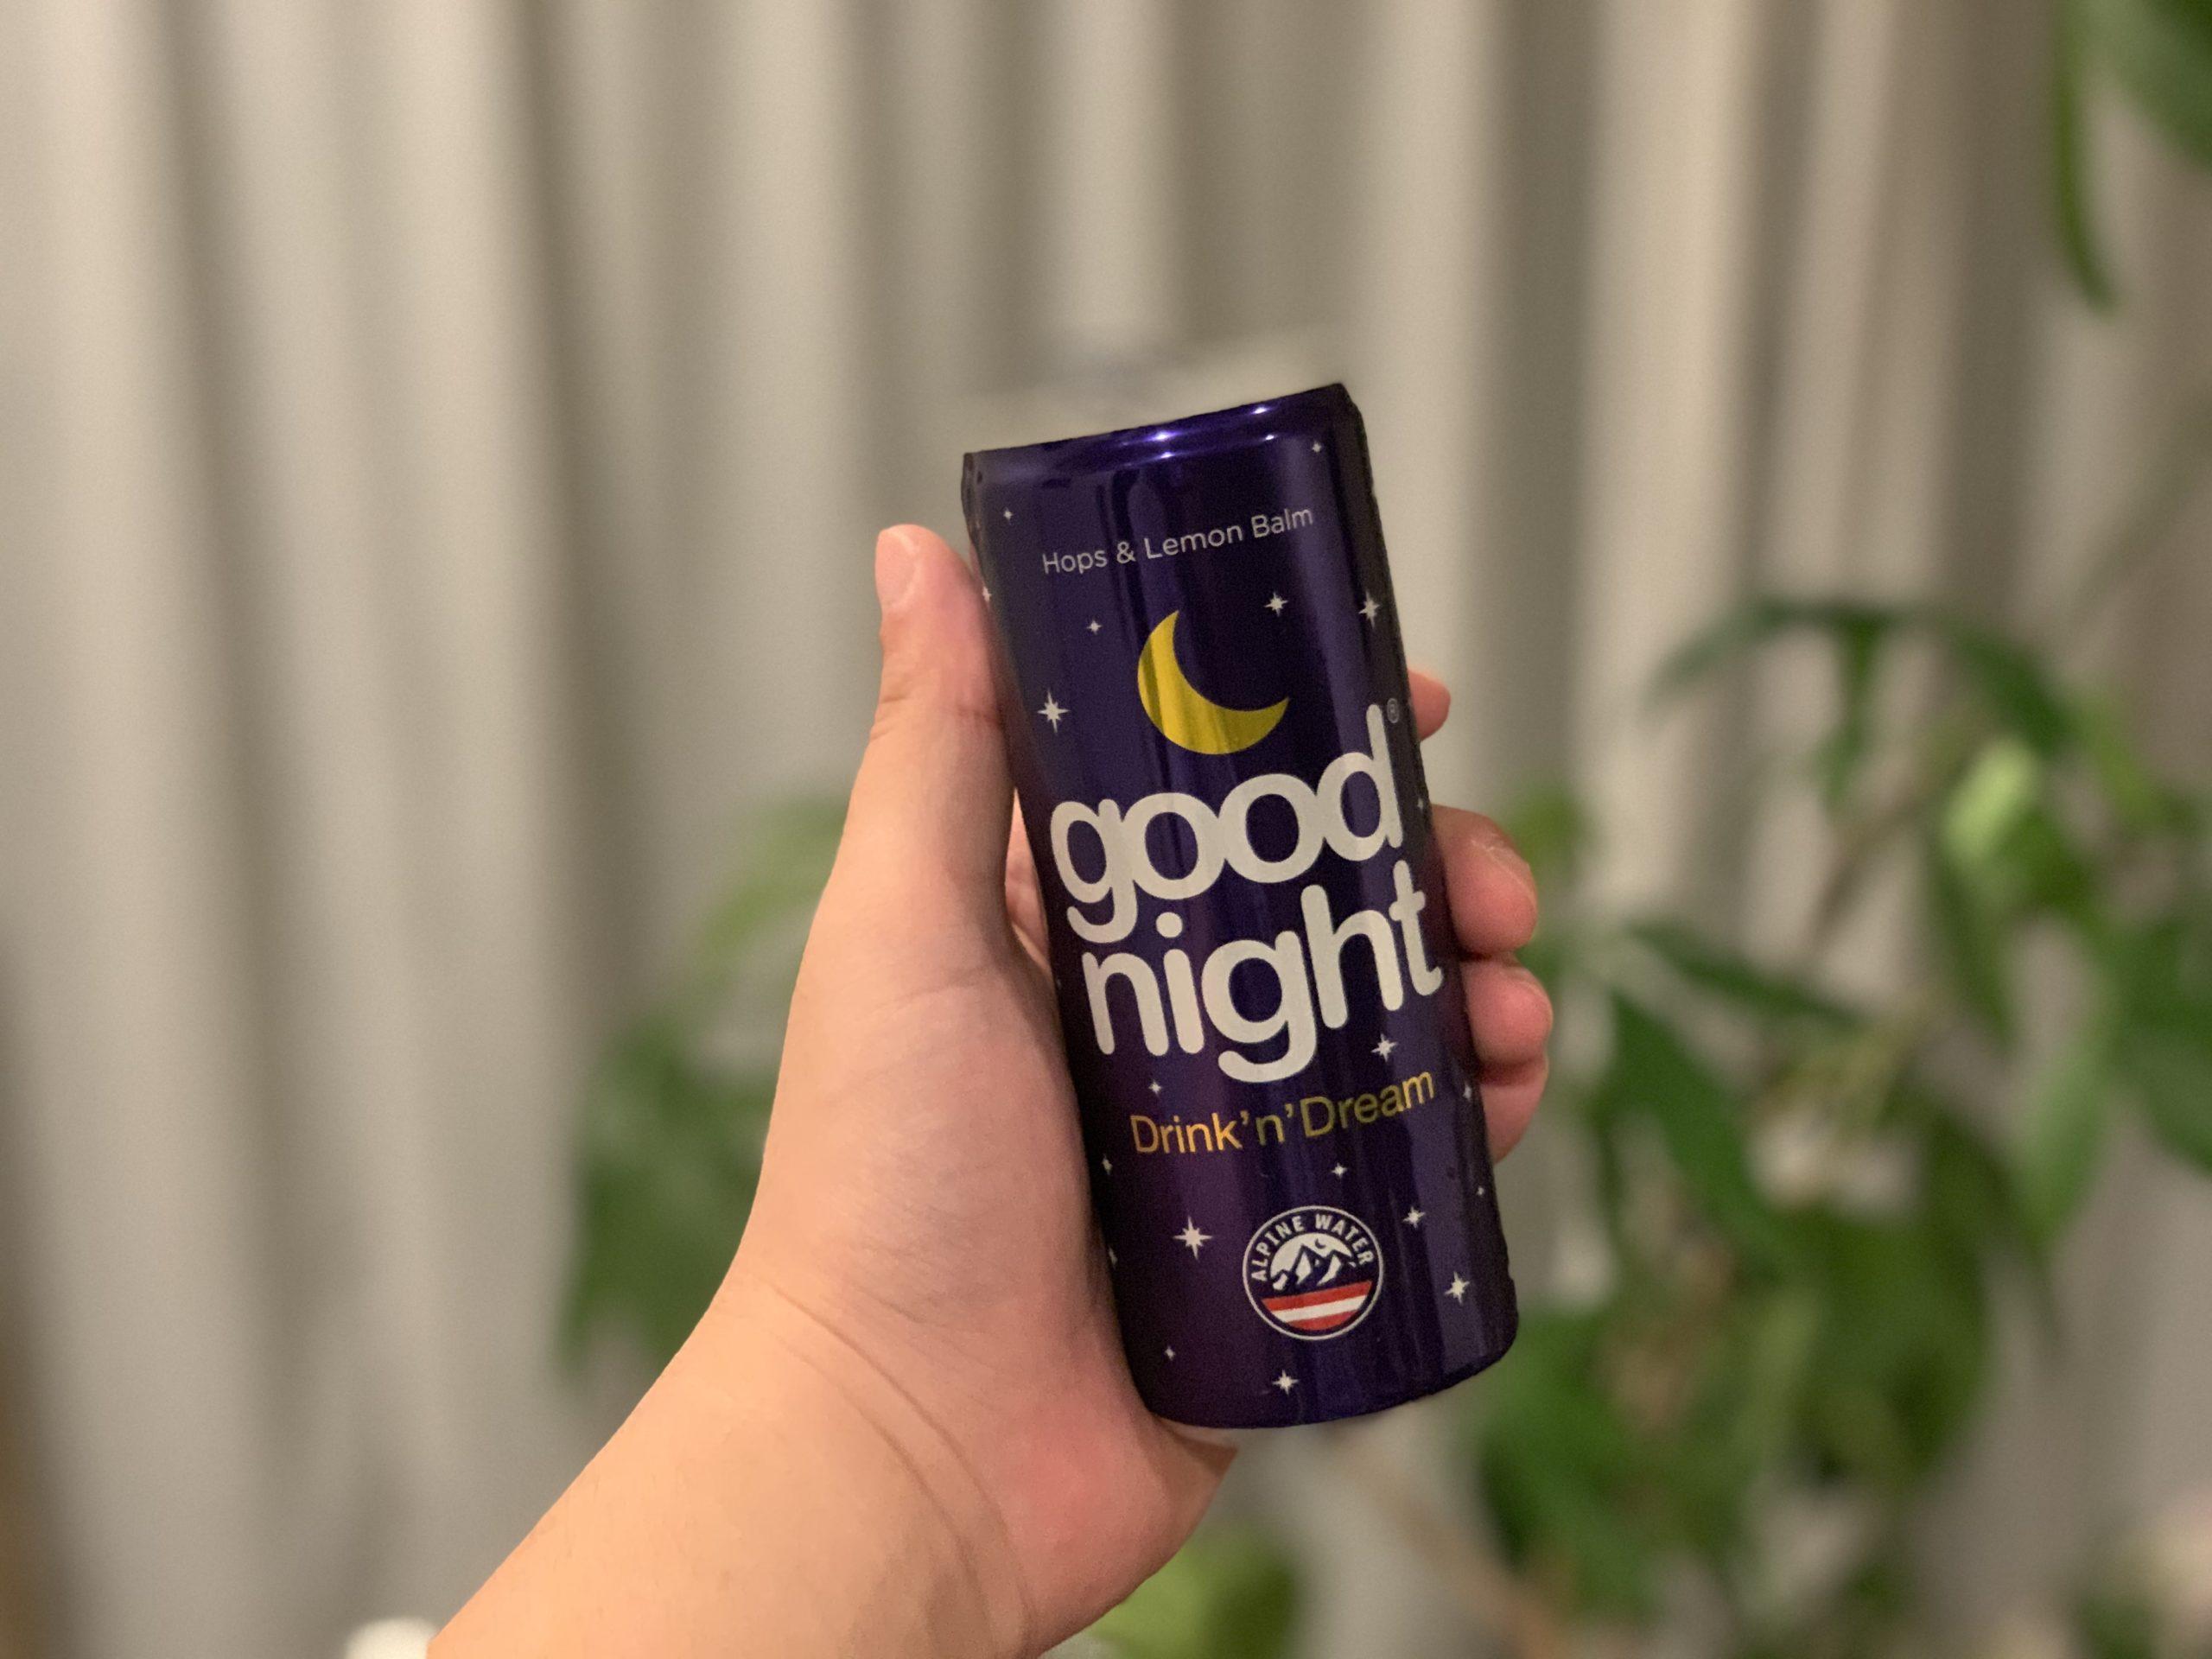 オーストラリア発!!リラクゼーションドリンク「good night」